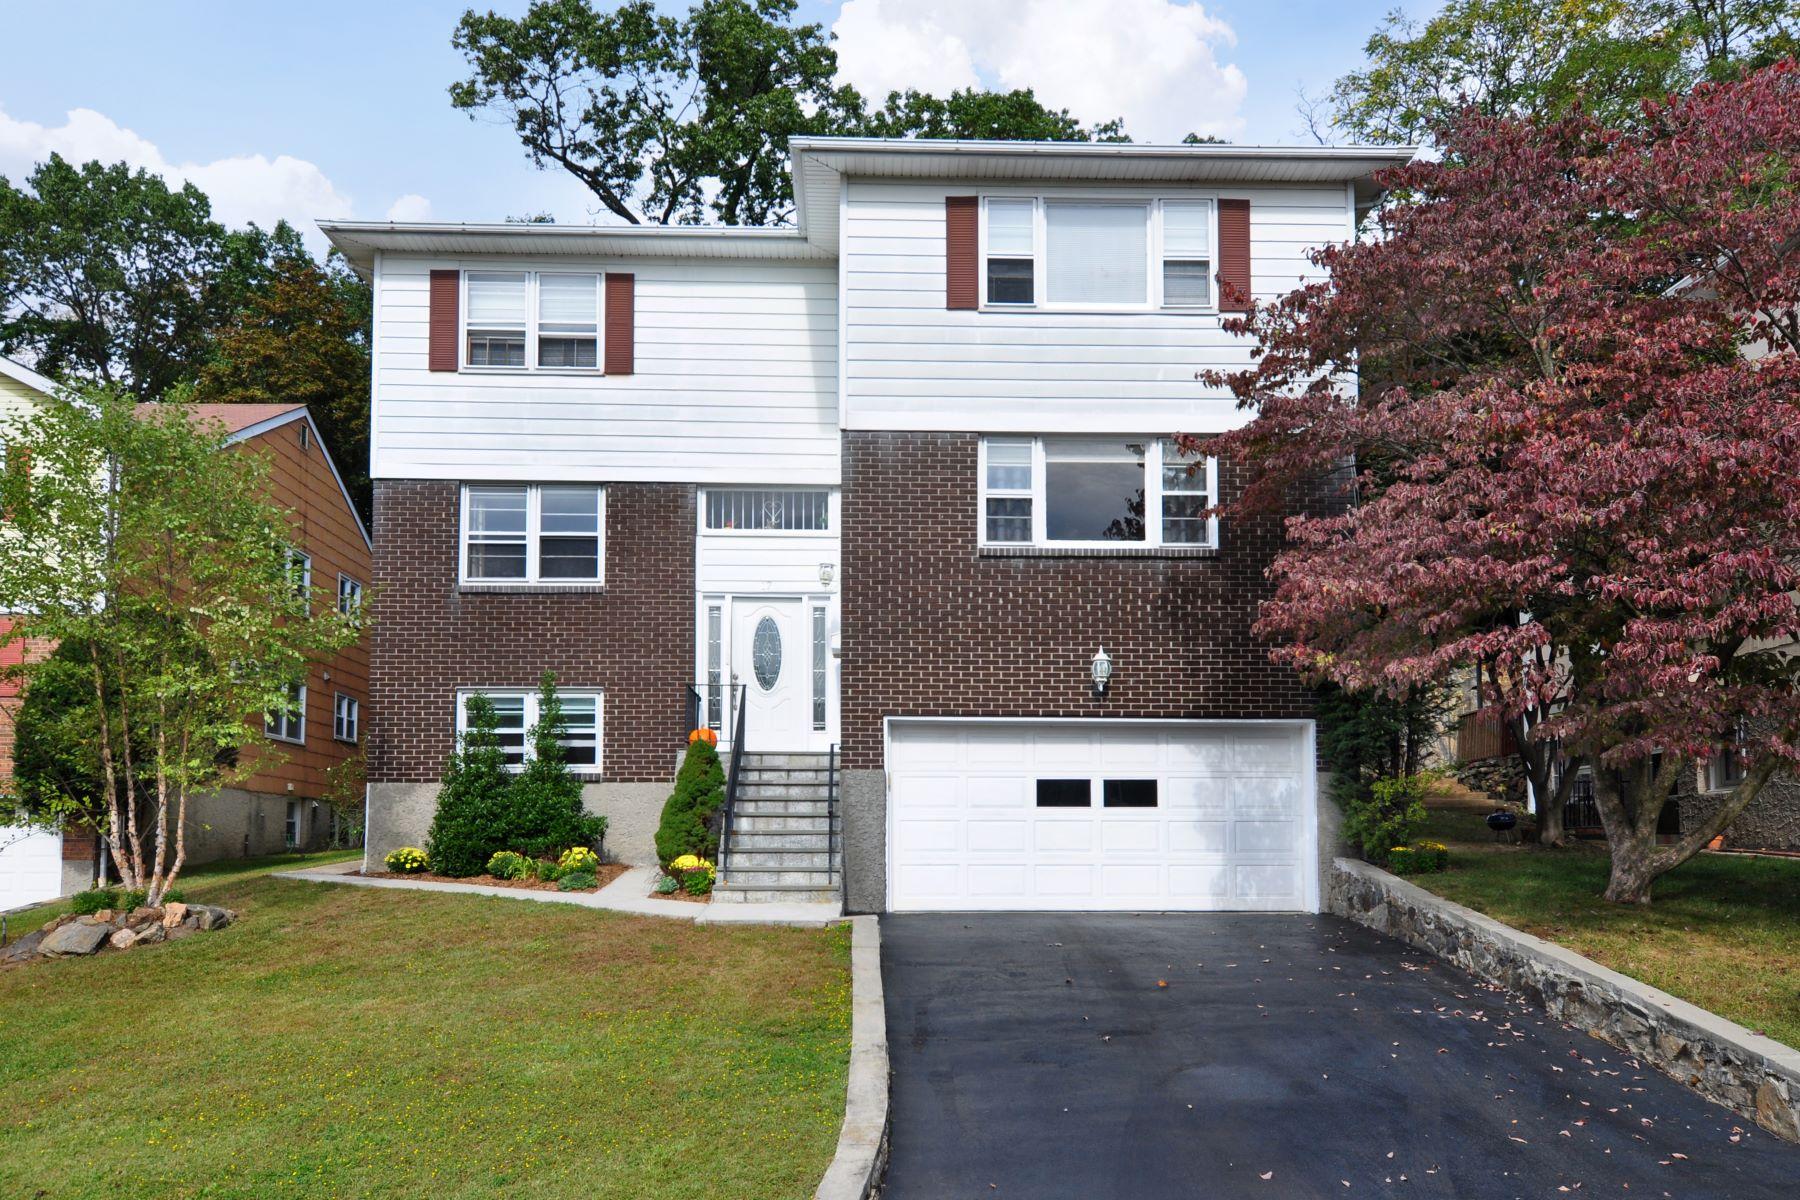 Casa Unifamiliar por un Alquiler en 17 Ridge Road Dobbs Ferry, Nueva York, 10522 Estados Unidos